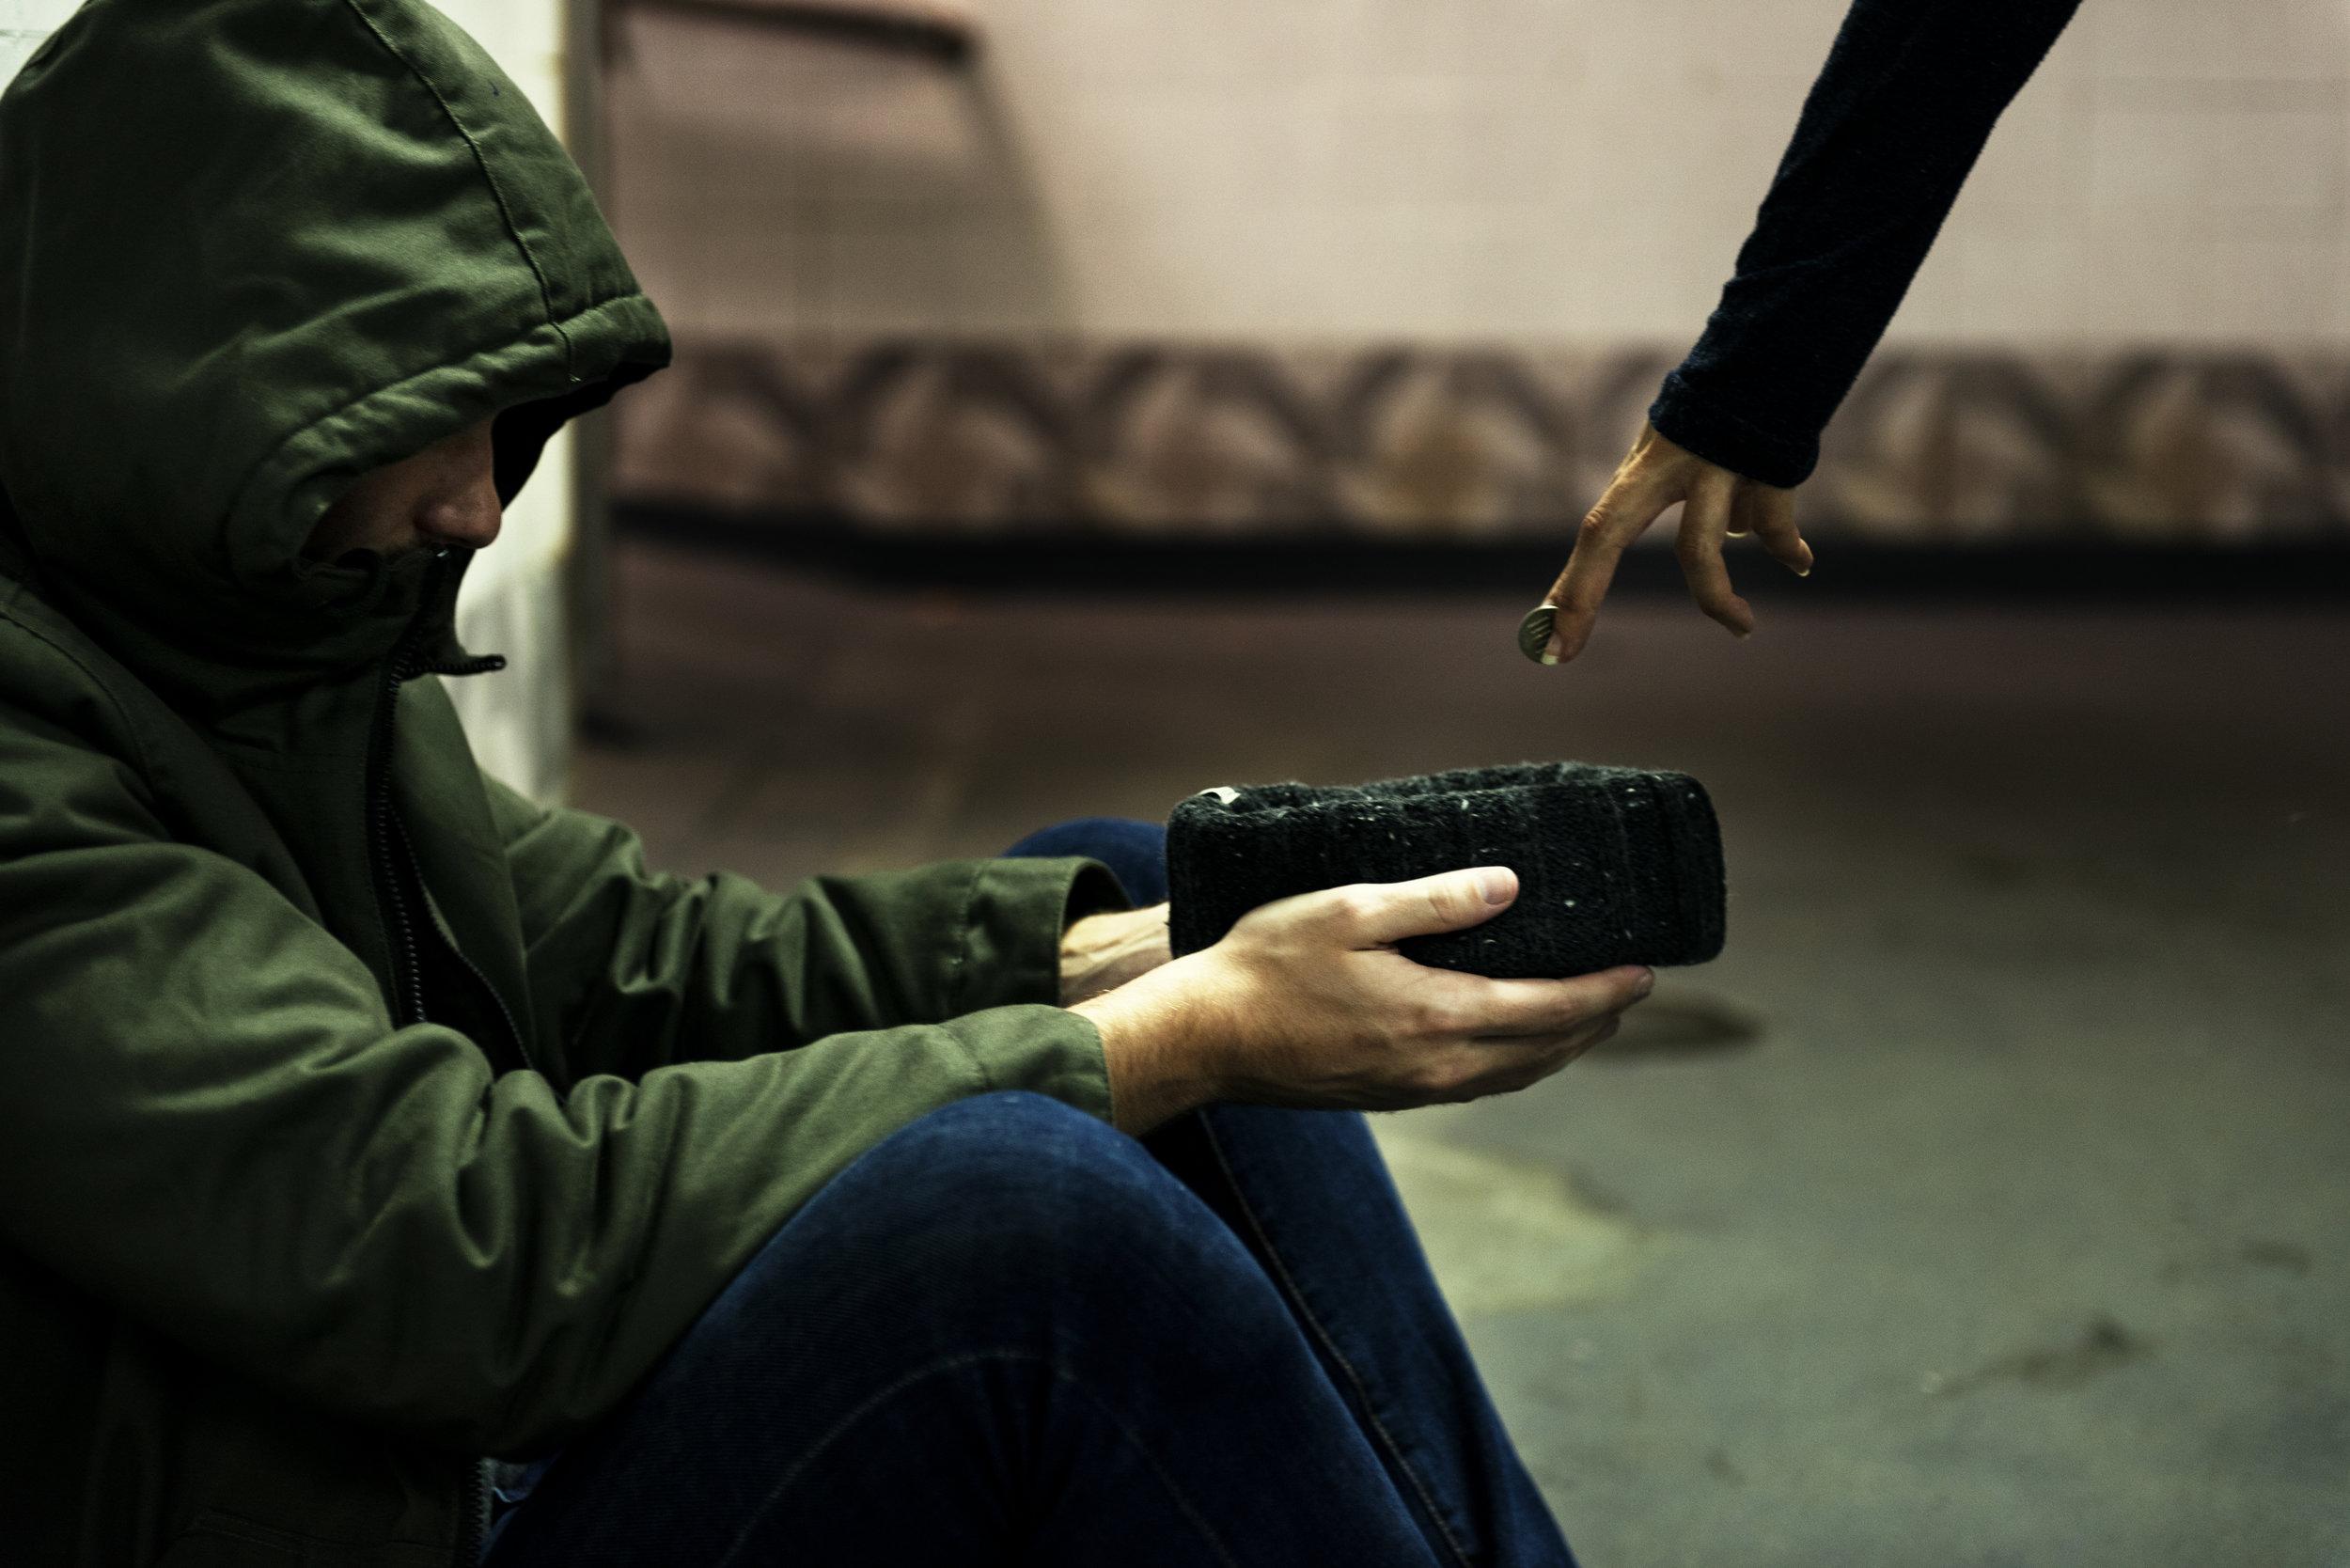 homeless-beggar-man-holding-hat-asking-for-money-PHLPNJL.jpg